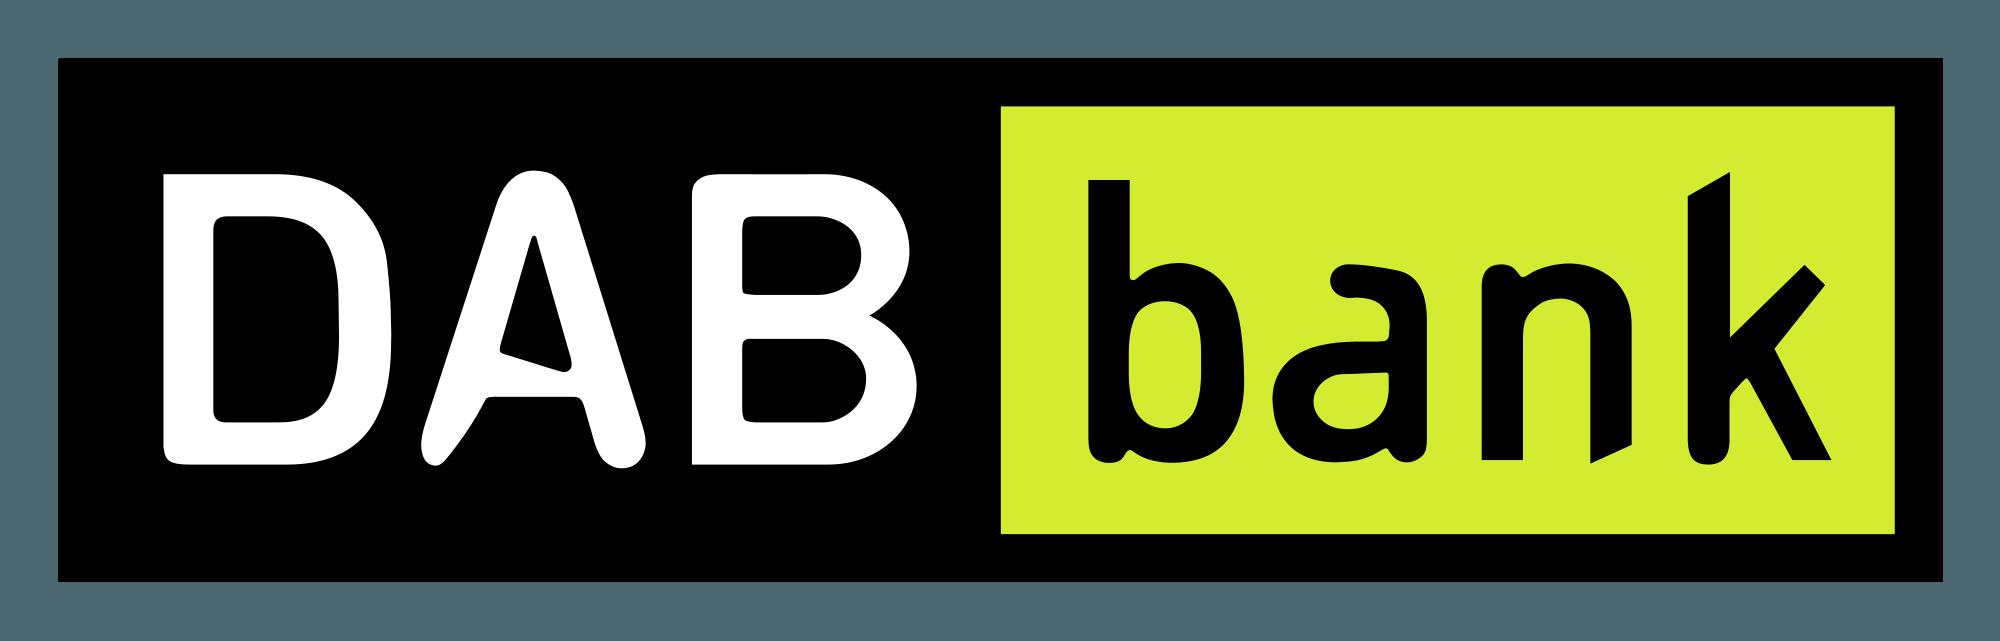 dab bank ag girokonto testbericht und erfahrungen 10 2018. Black Bedroom Furniture Sets. Home Design Ideas